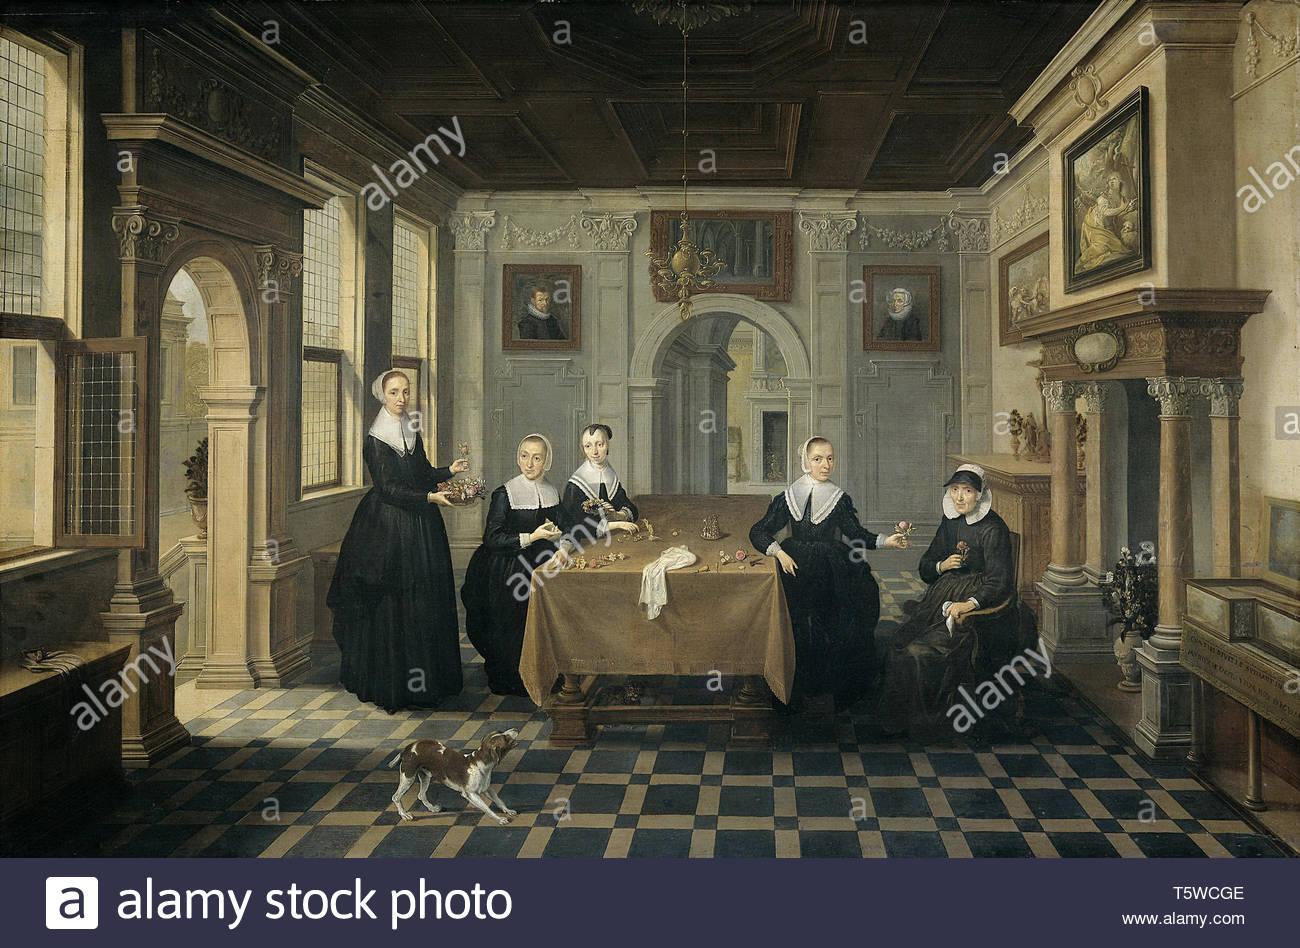 Delen, Dirck van - Interieur met vijf Dames, 1630-1652.jpeg Stockbild